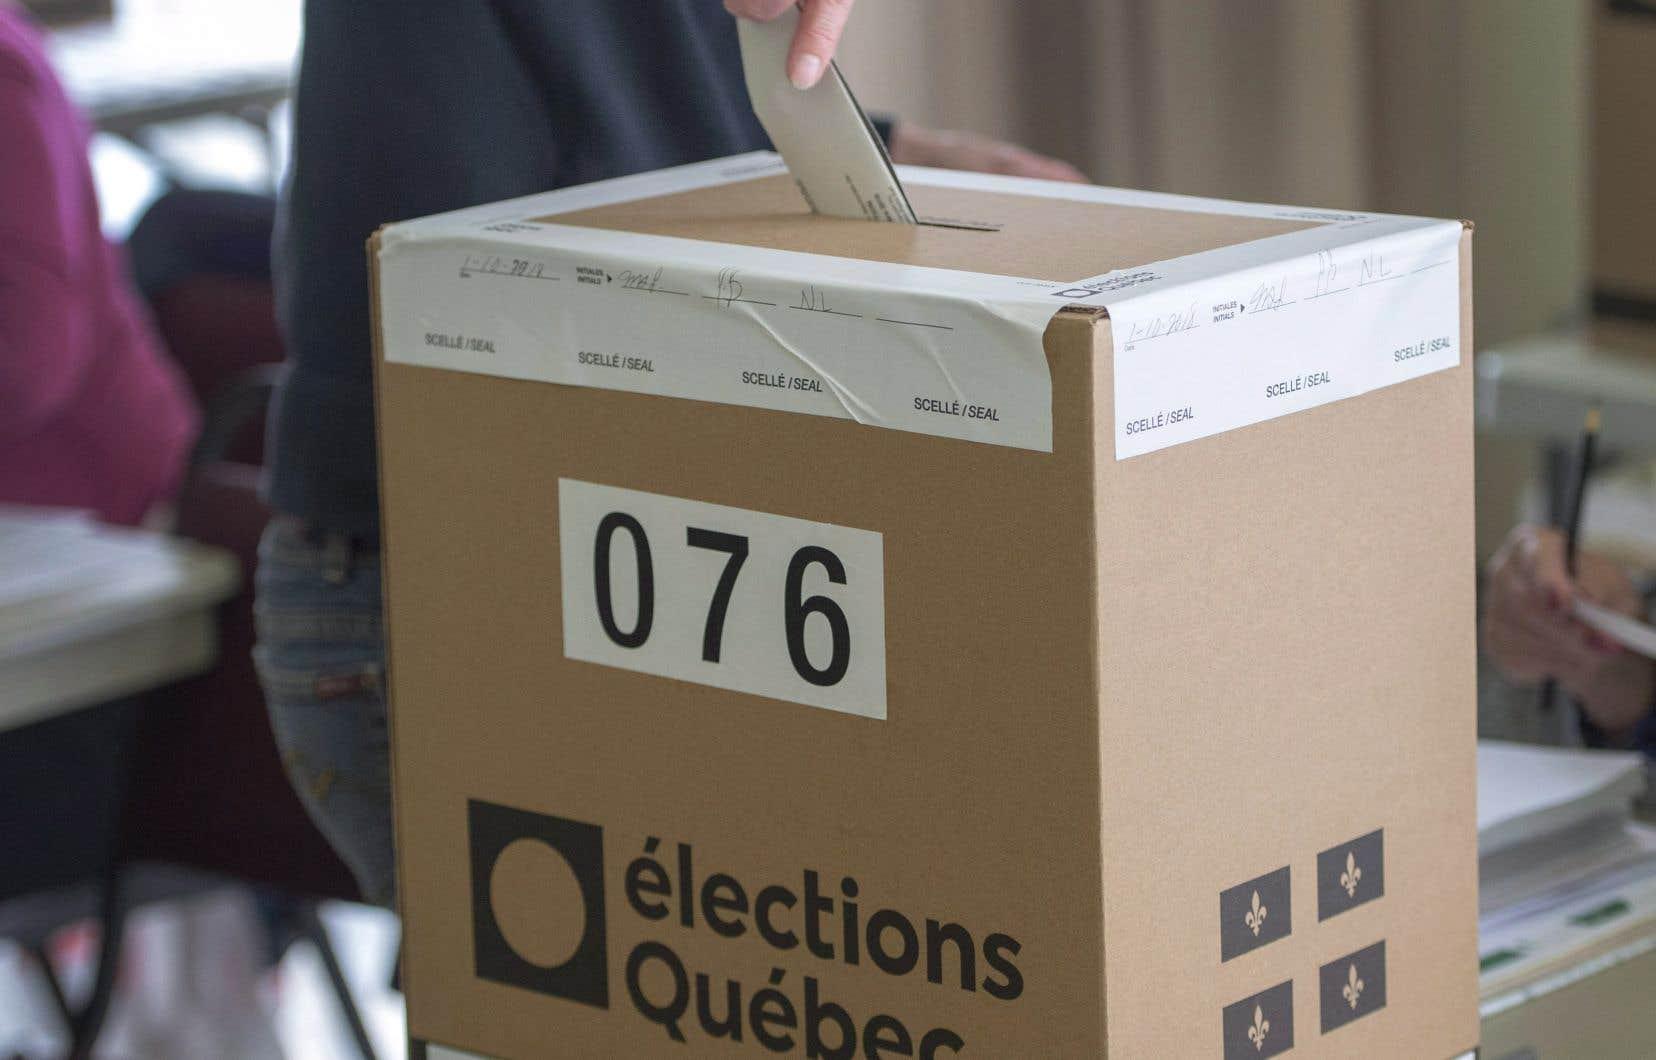 À la dernière élection générale, le Québec a connu son deuxième pire taux de participation des 91 dernières années, rappelle l'auteur.